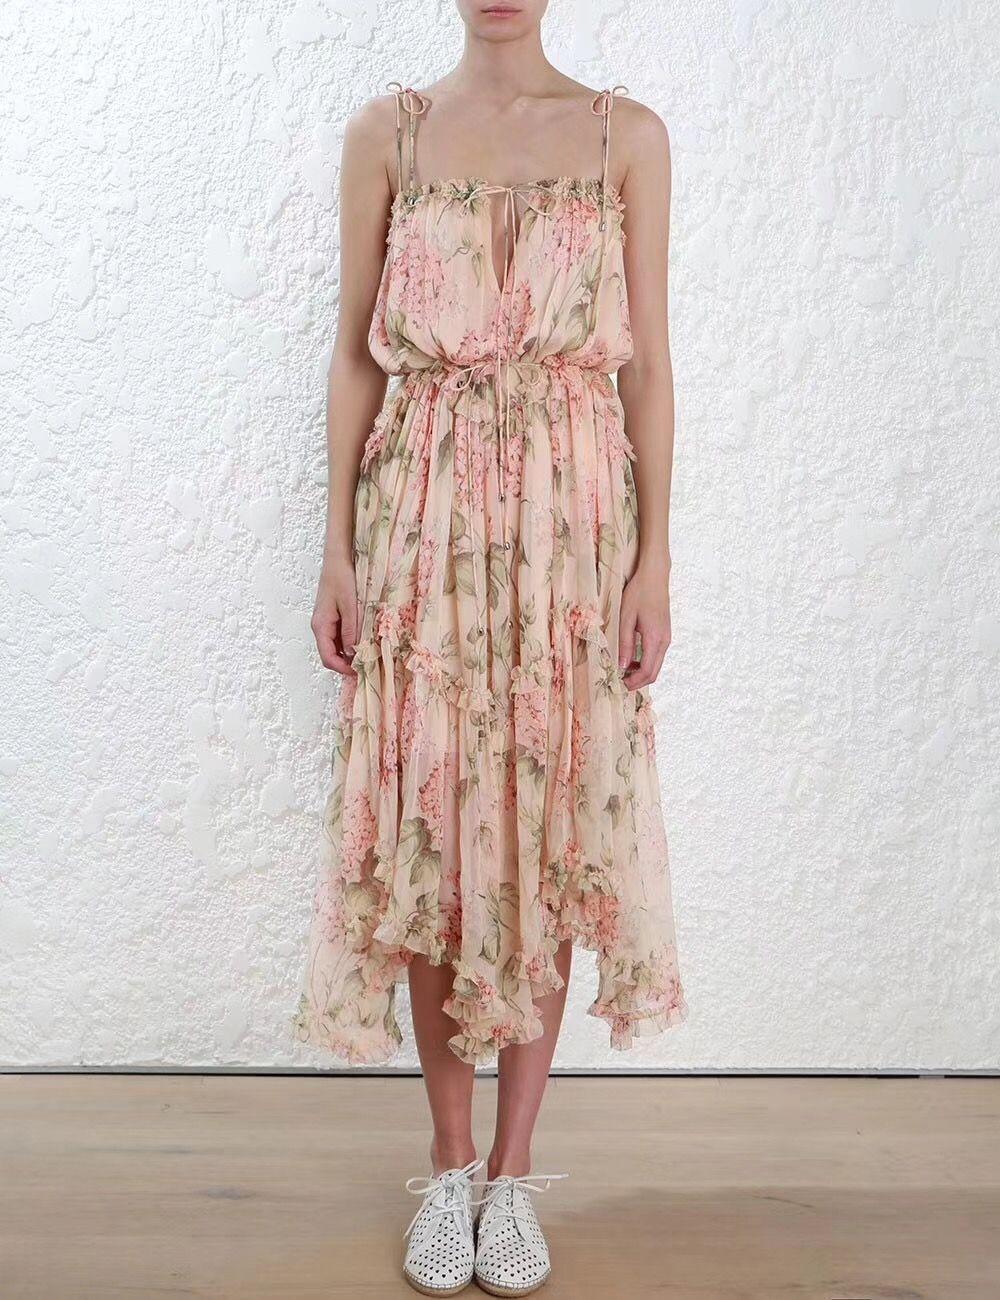 Frauen spaghettie gurte prima asymmetrische rüschen floral-print seide georgette midi kleid